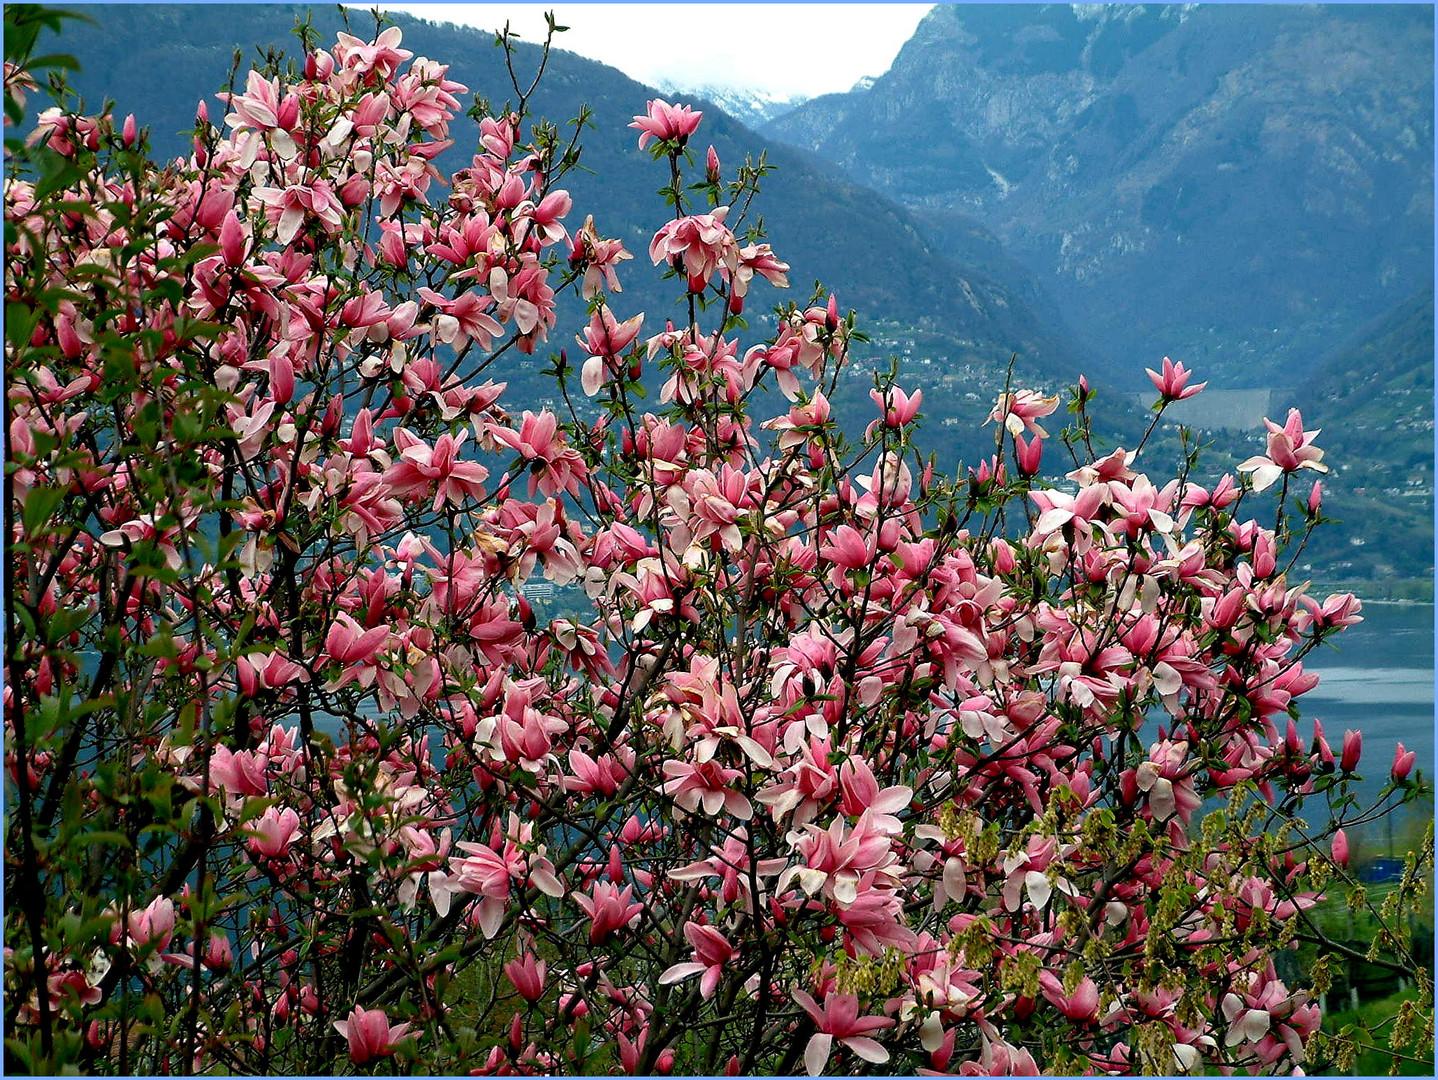 Magnolie am Lago Maggiore